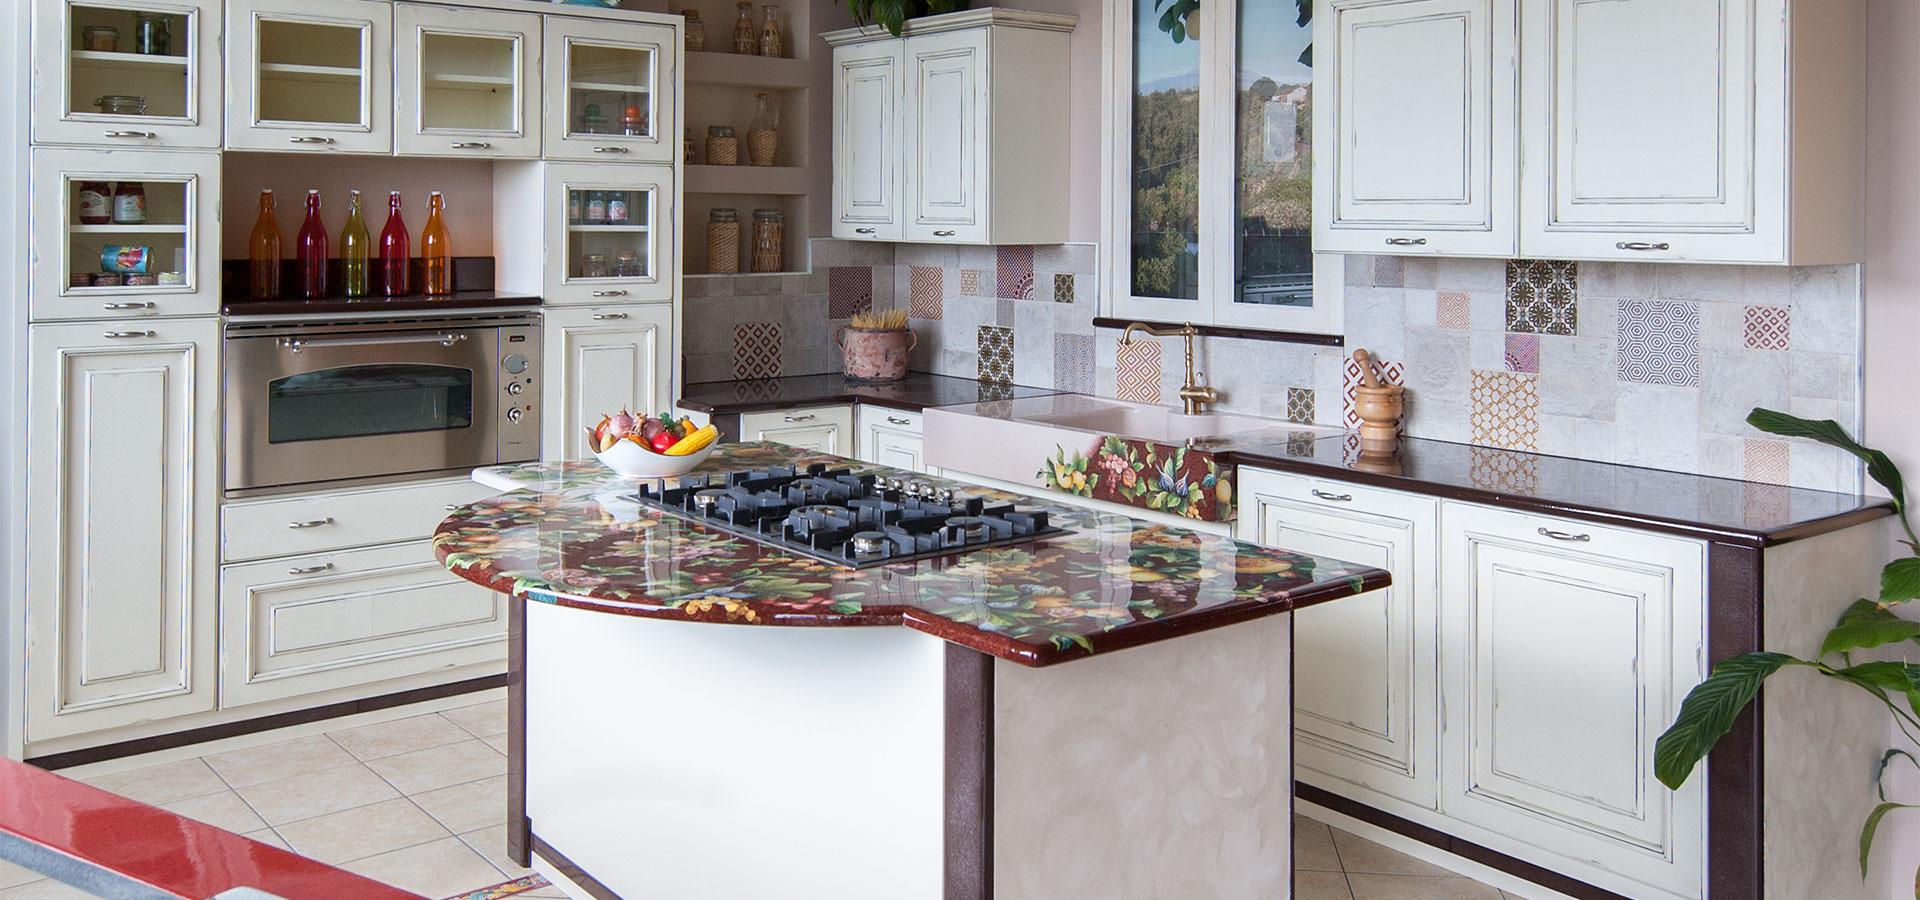 Cucine in muratura smontabili e su misura | Artesole